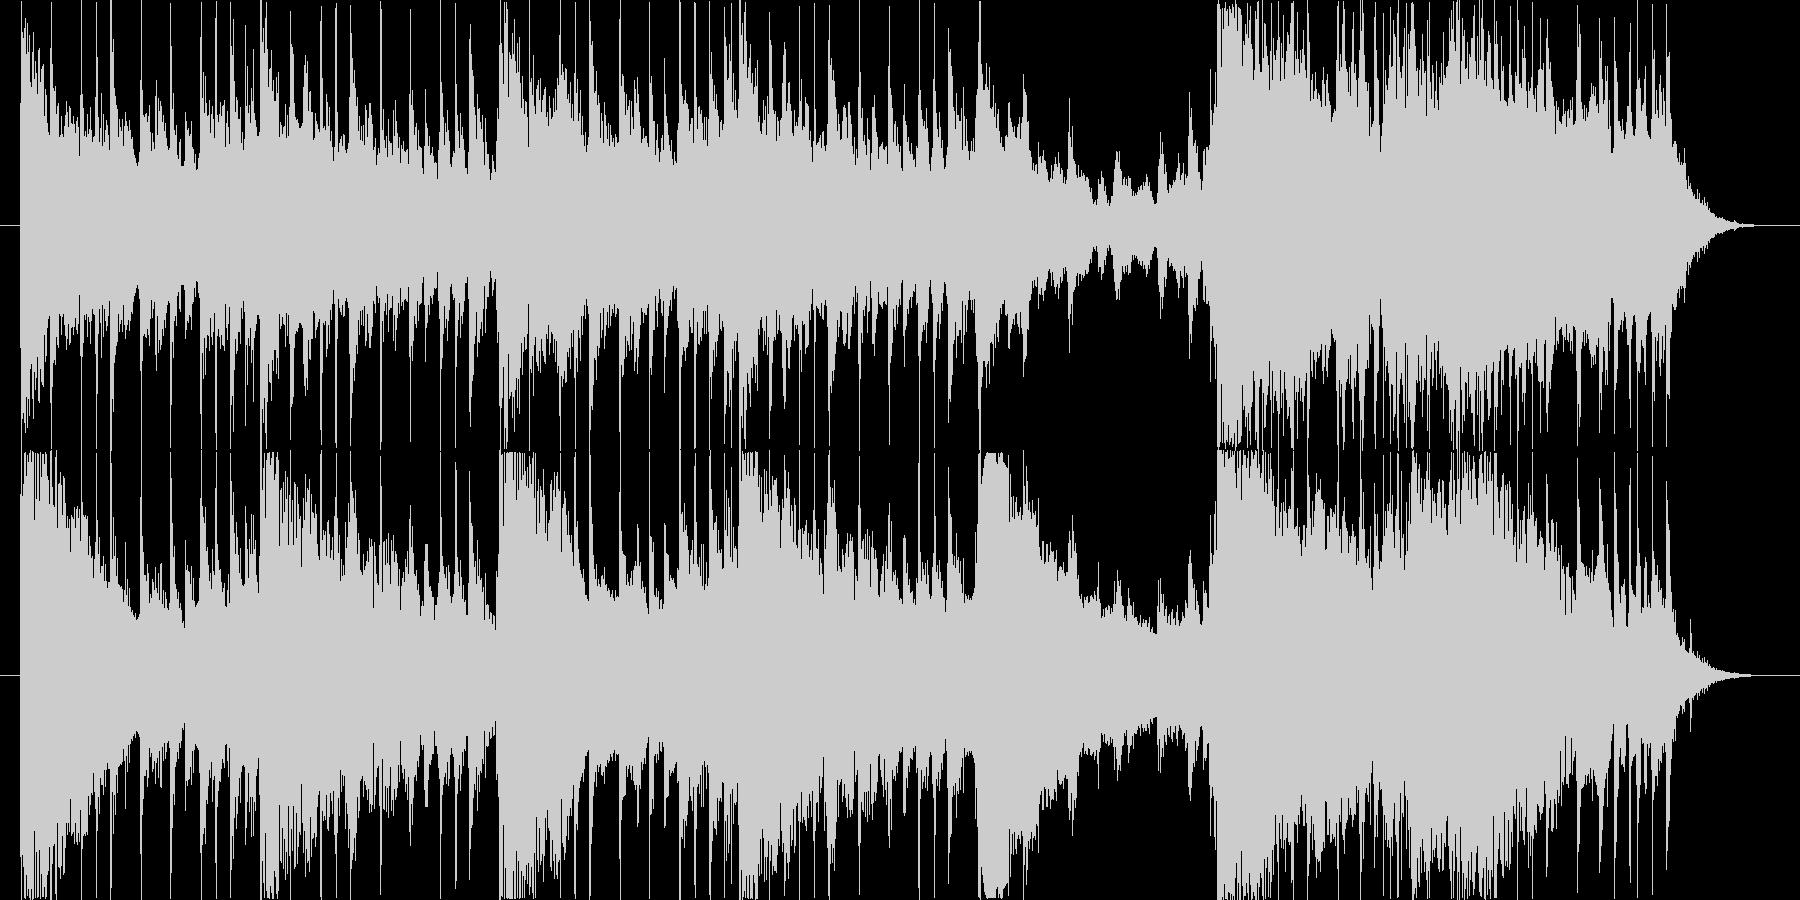 適度に明るい、軽いロック/ギターロ...の未再生の波形